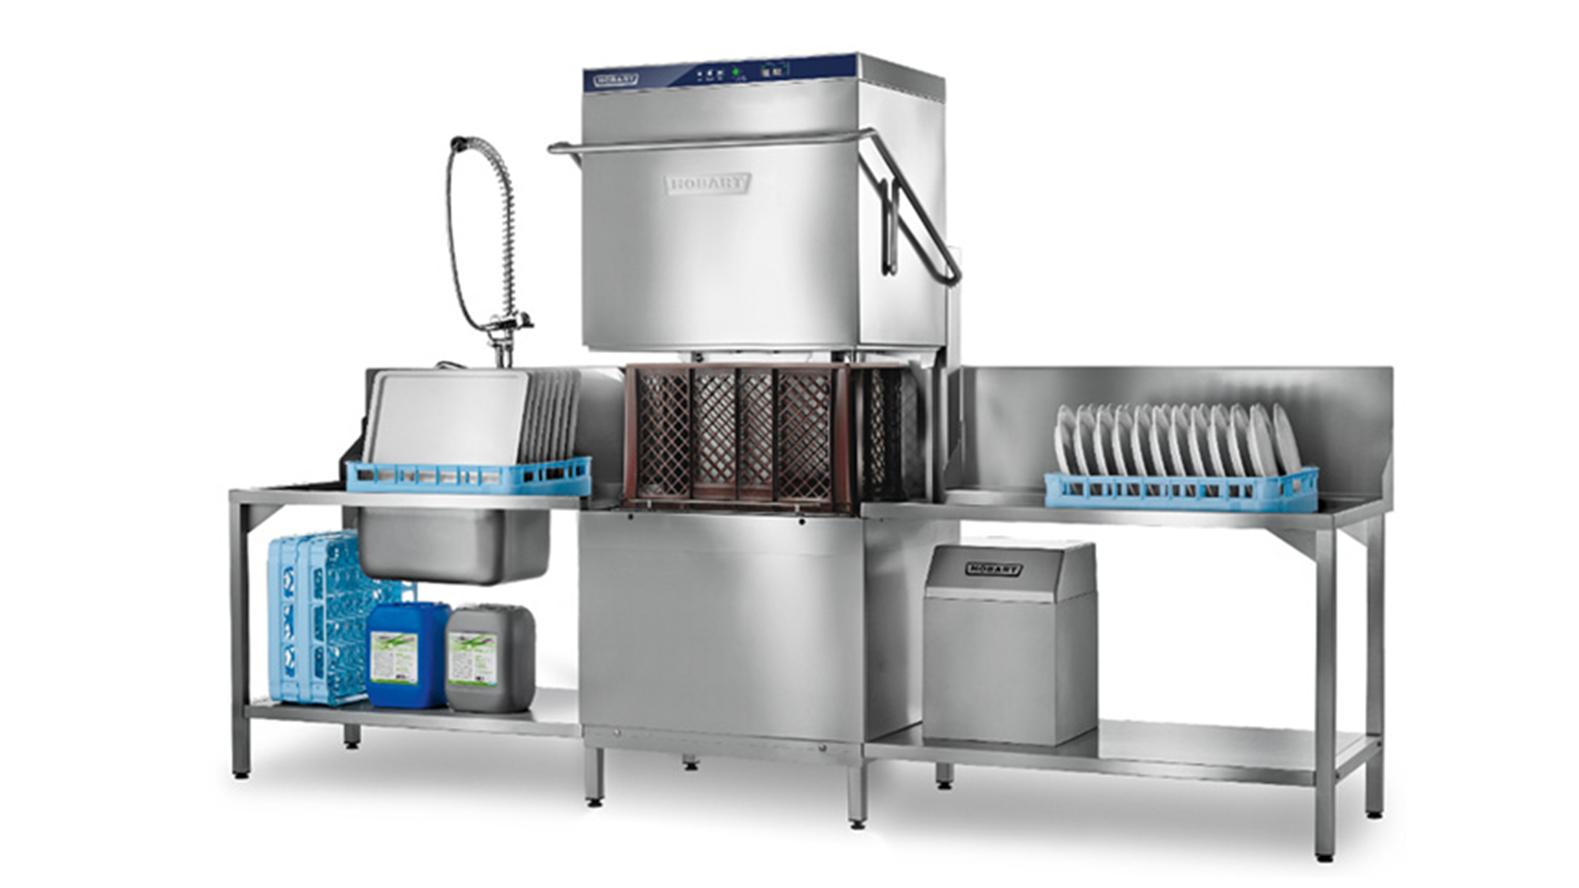 提拉式洗碗机AMC-XL